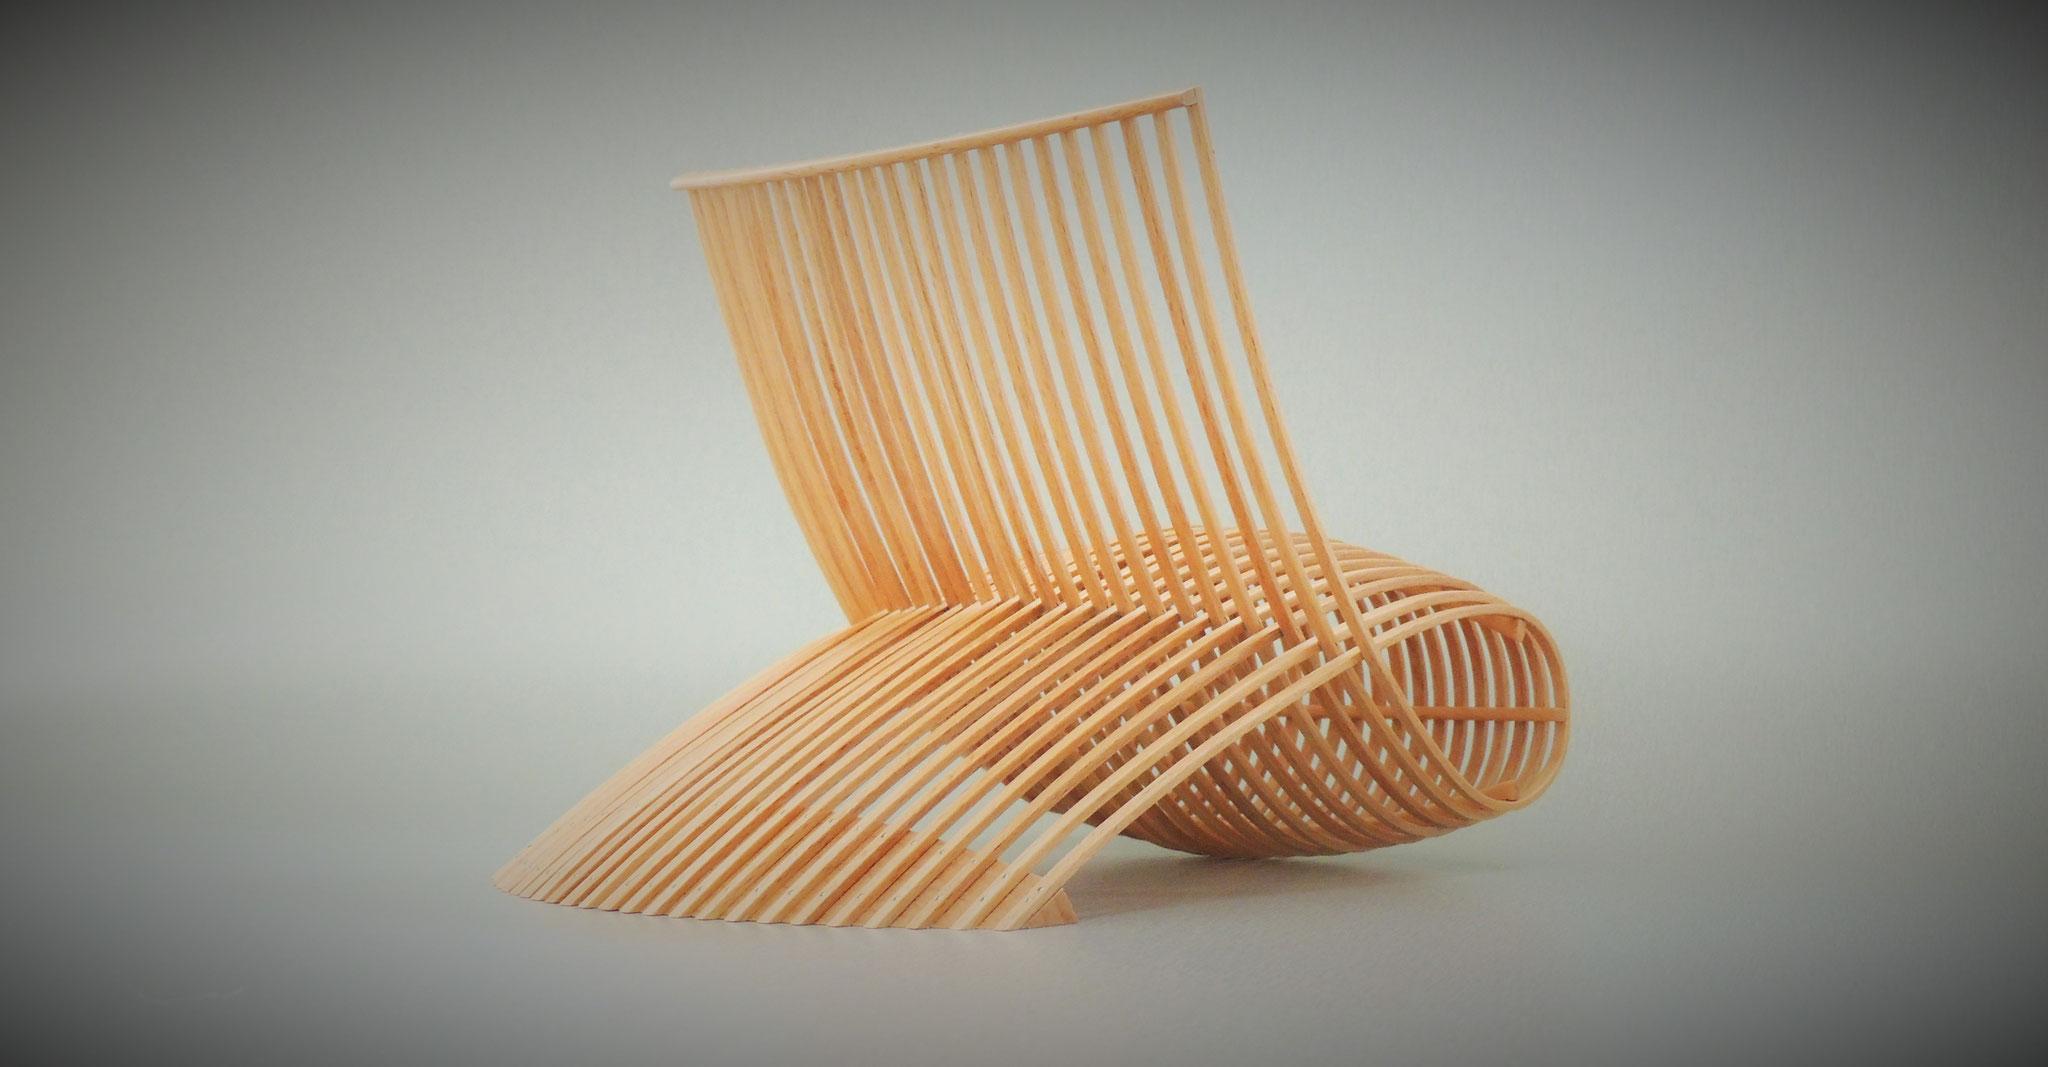 Stühle Stühle Miniaturformat Miniaturstühle Design In In MpSUzVq